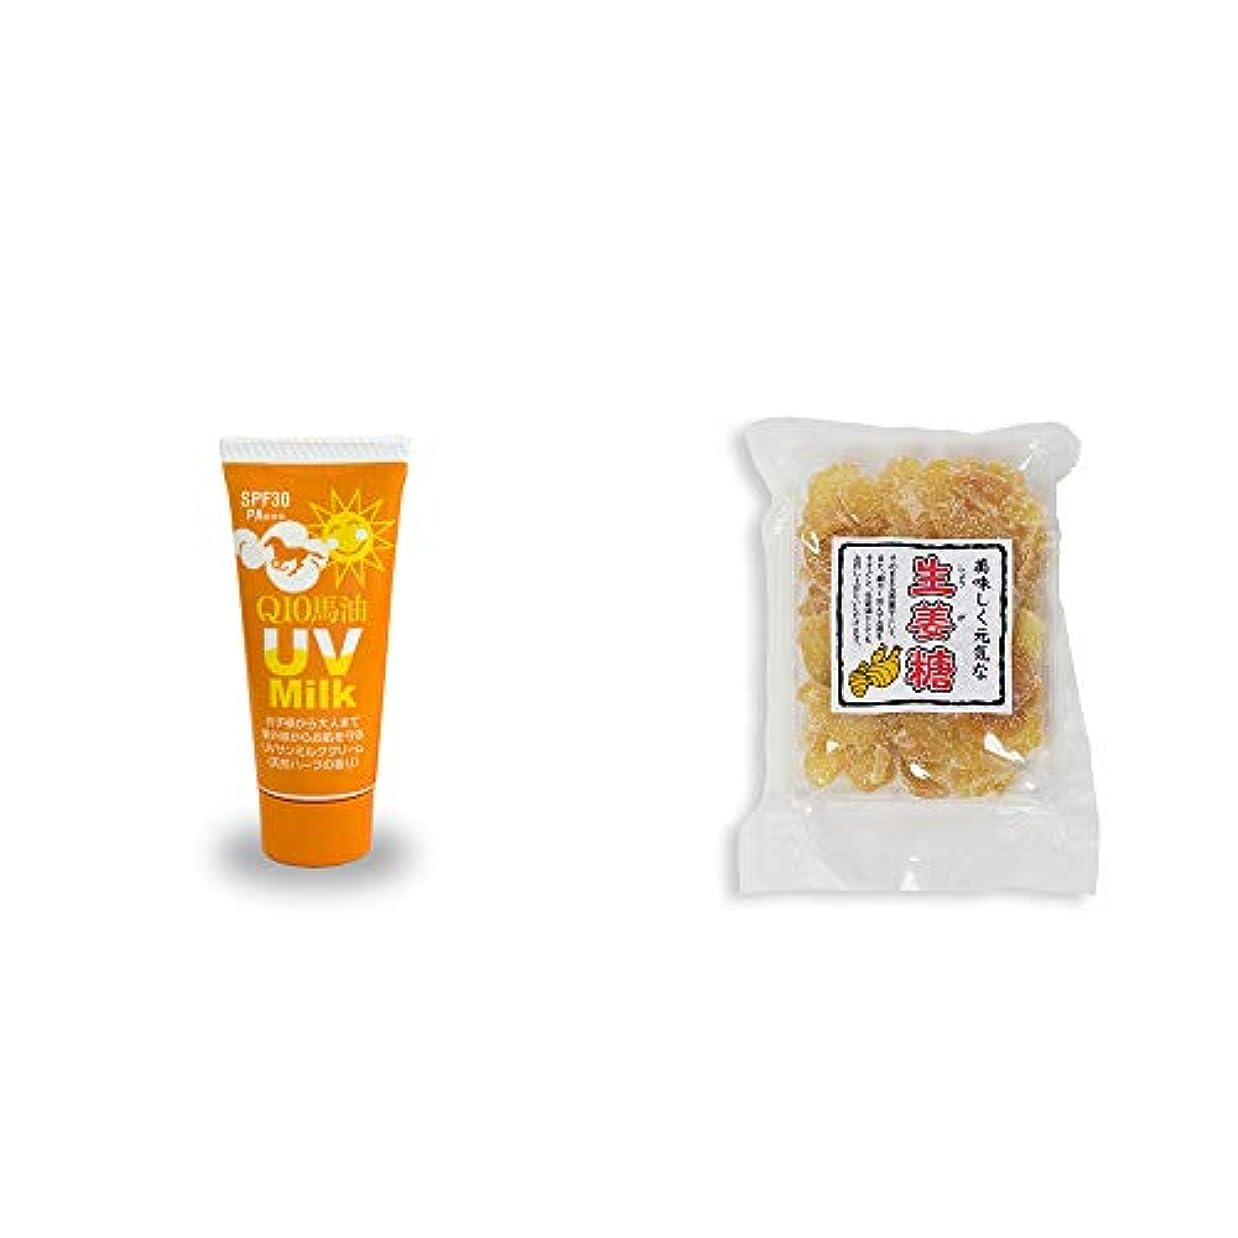 たらい心配ダウンタウン[2点セット] 炭黒泉 Q10馬油 UVサンミルク[天然ハーブ](40g)?生姜糖(230g)